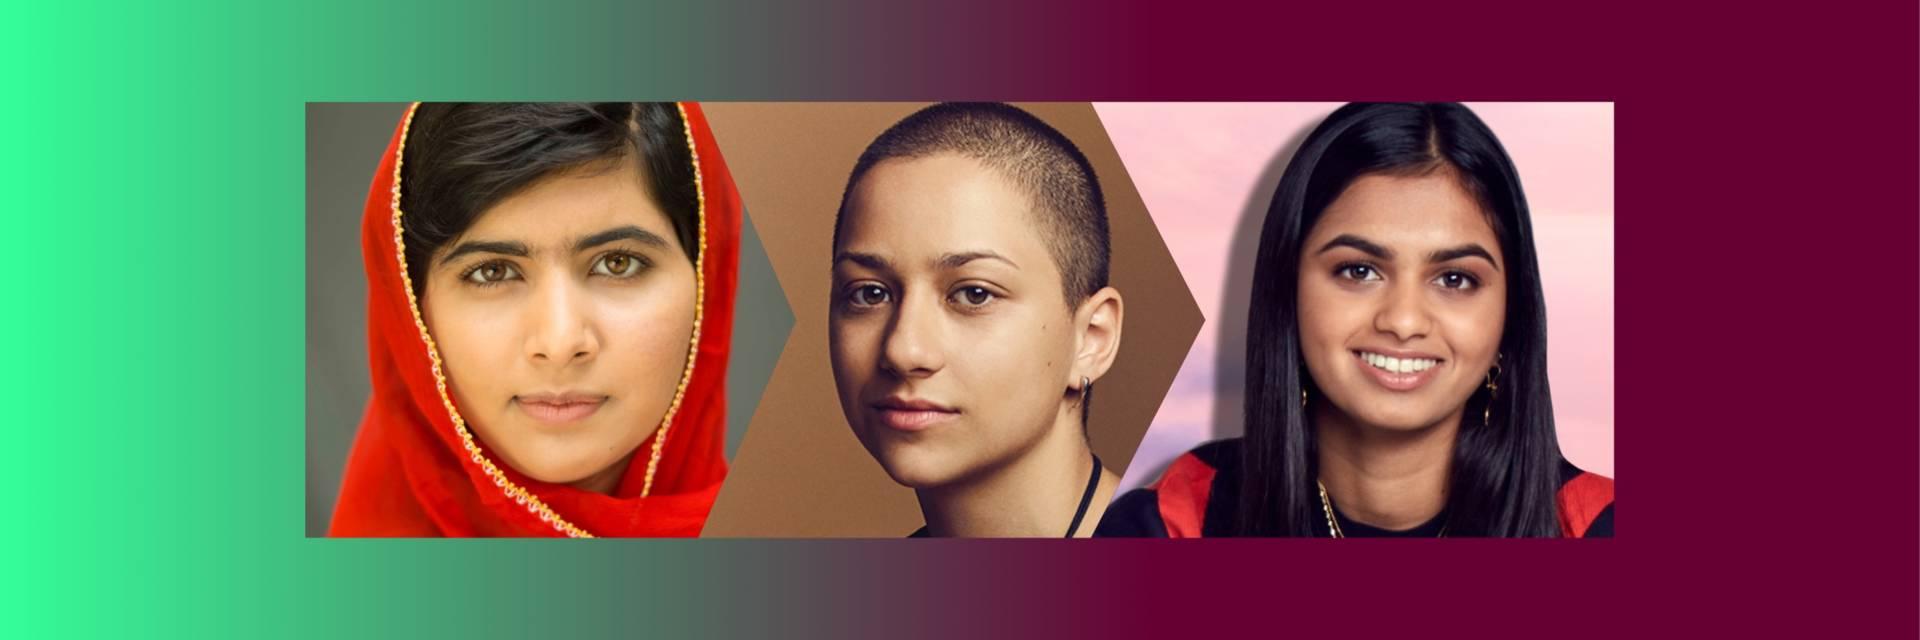 Non solo Greta: gli altri giovani che vogliono cambiare il mondo